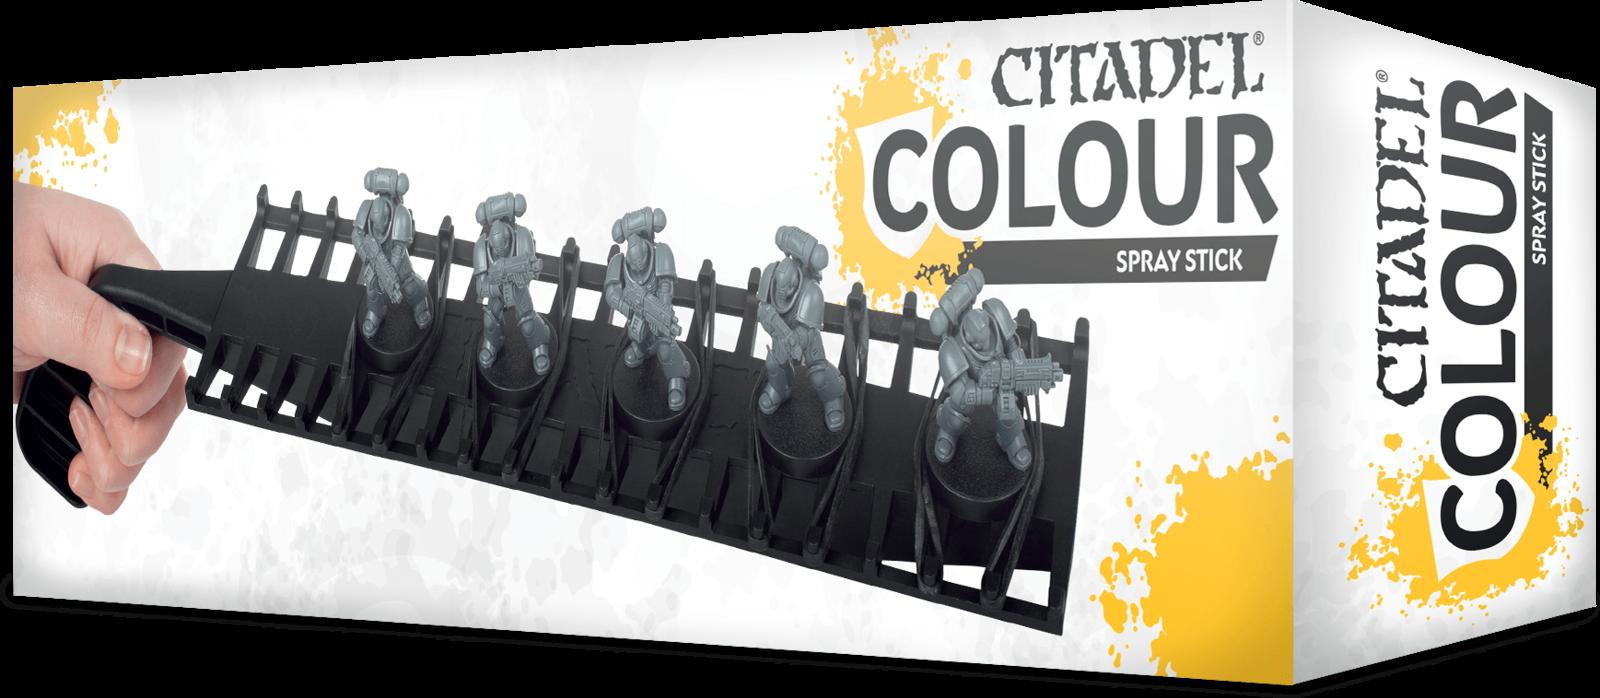 Citadel Colour Spray Stick image